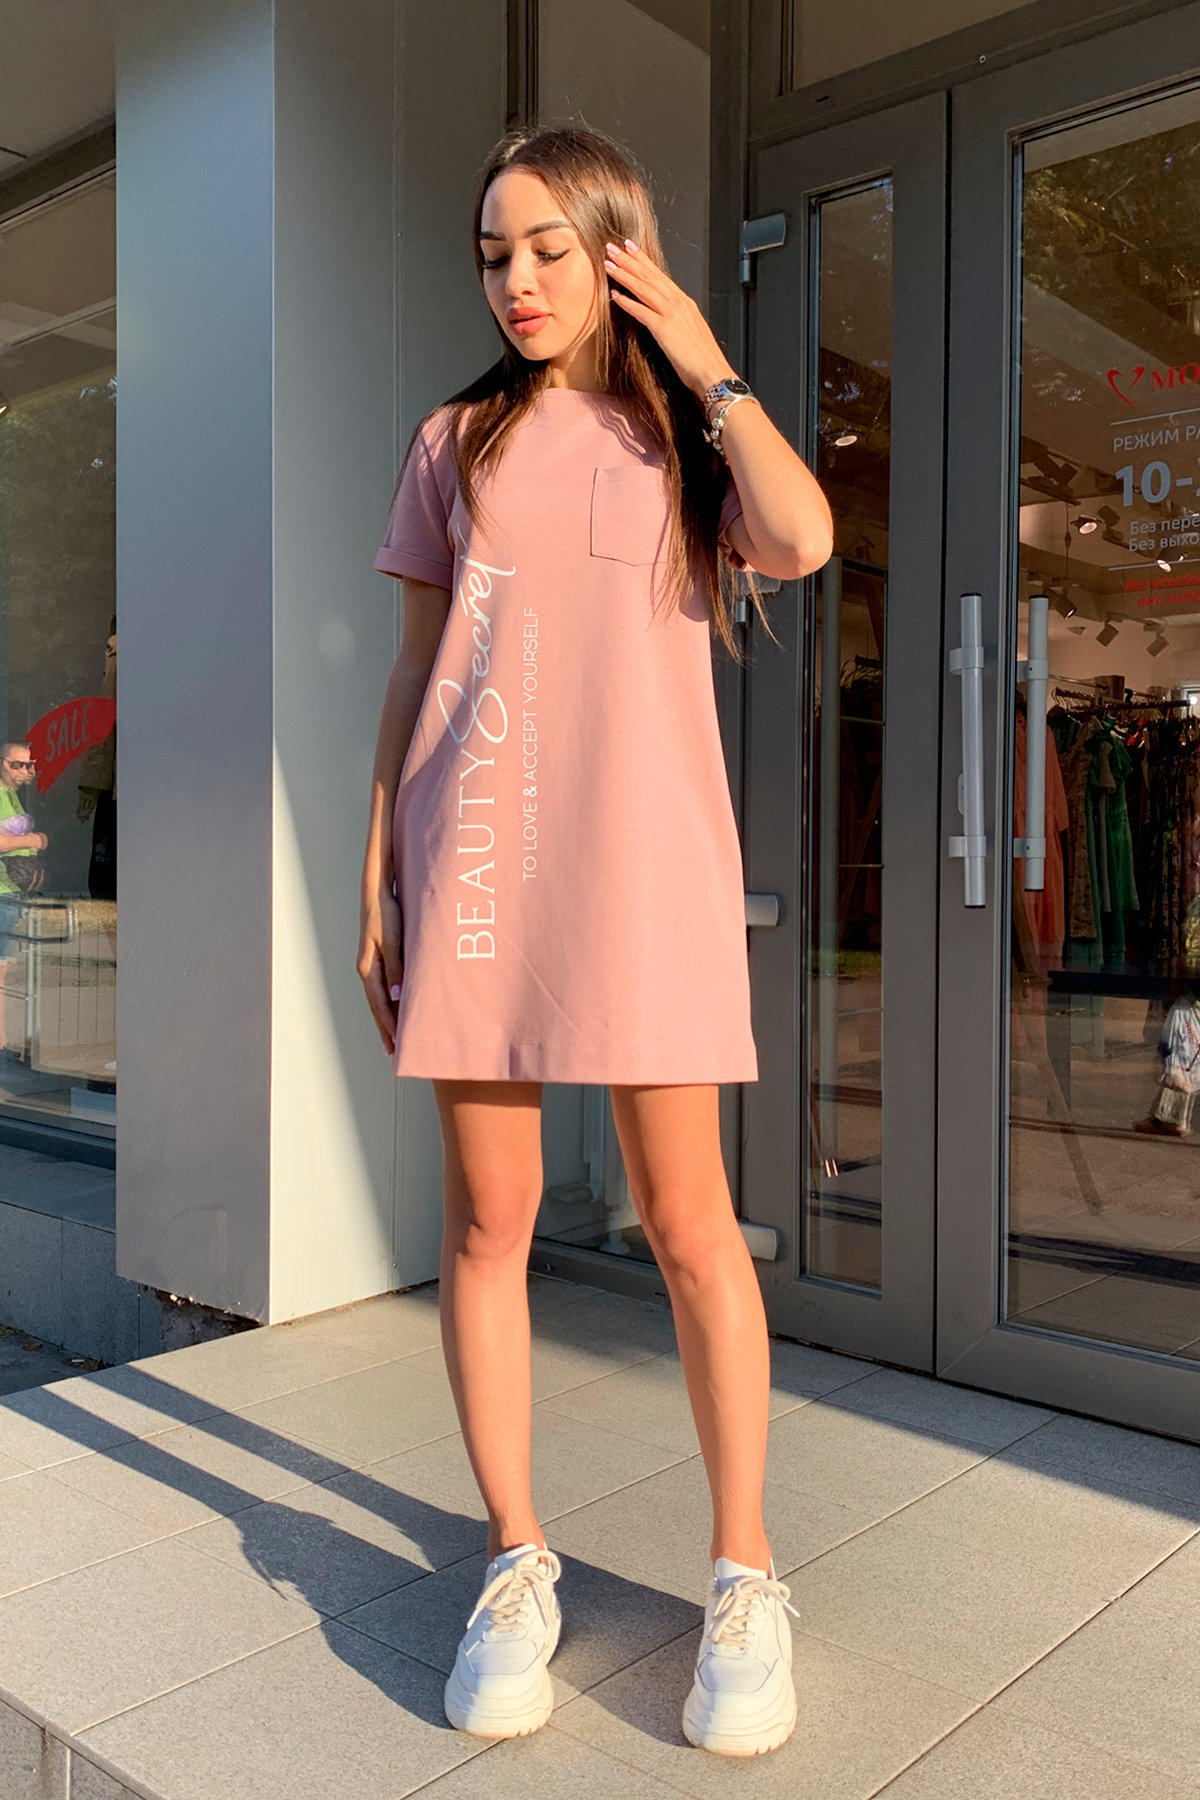 Платье Коди 9355 АРТ. 45730 Цвет: Пудра - фото 3, интернет магазин tm-modus.ru